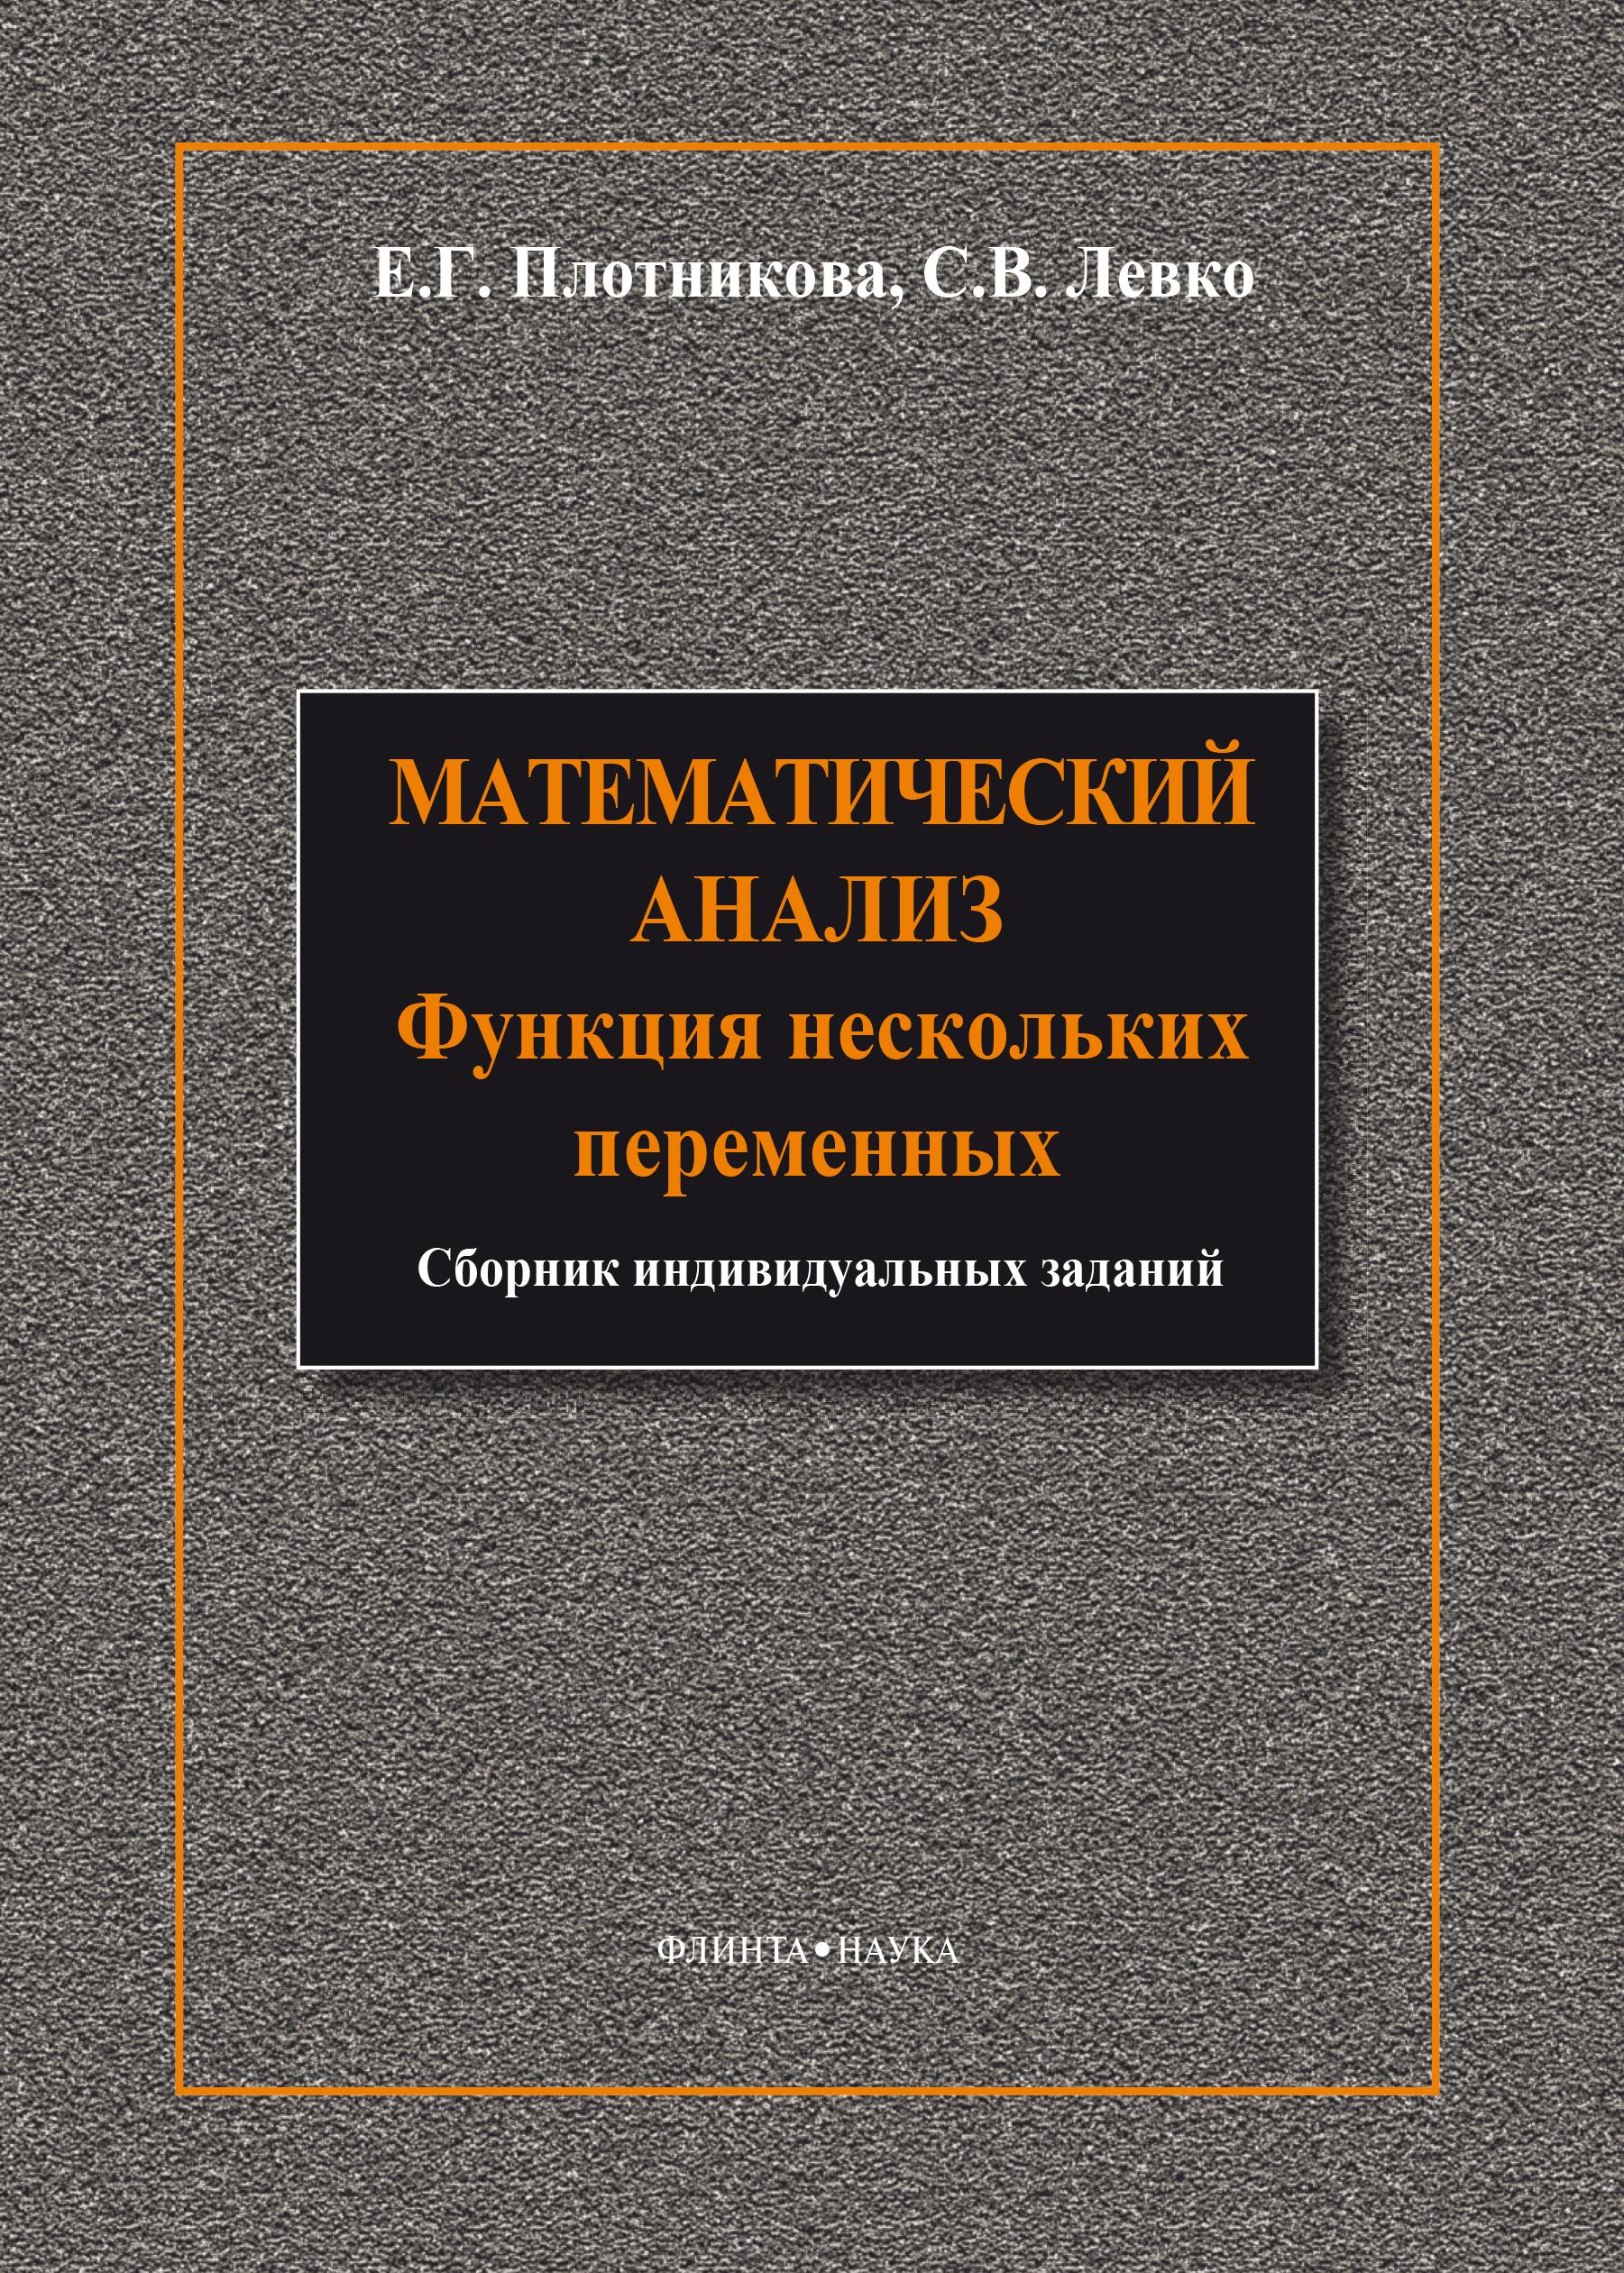 Е. Г. Плотникова Математический анализ. Функции нескольких переменных недорого